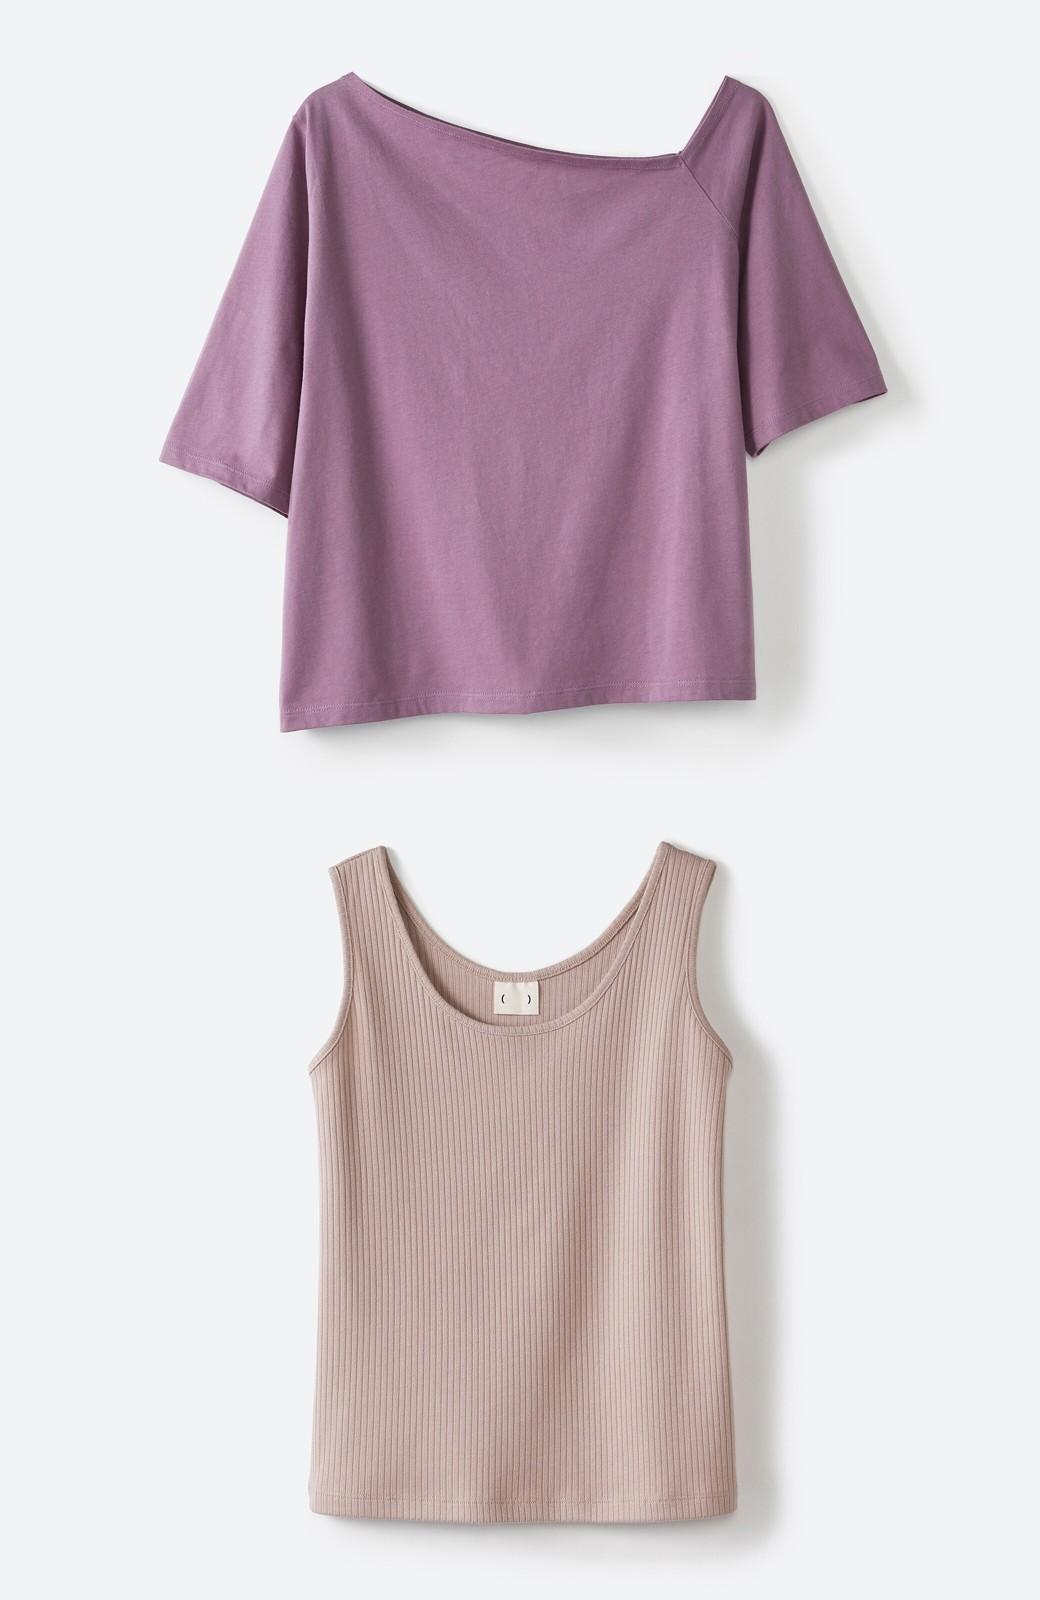 haco! 気になっていたあのデザインを取り入れやすく!こなれ衿Tシャツとタンクトップのセット <パープル>の商品写真3